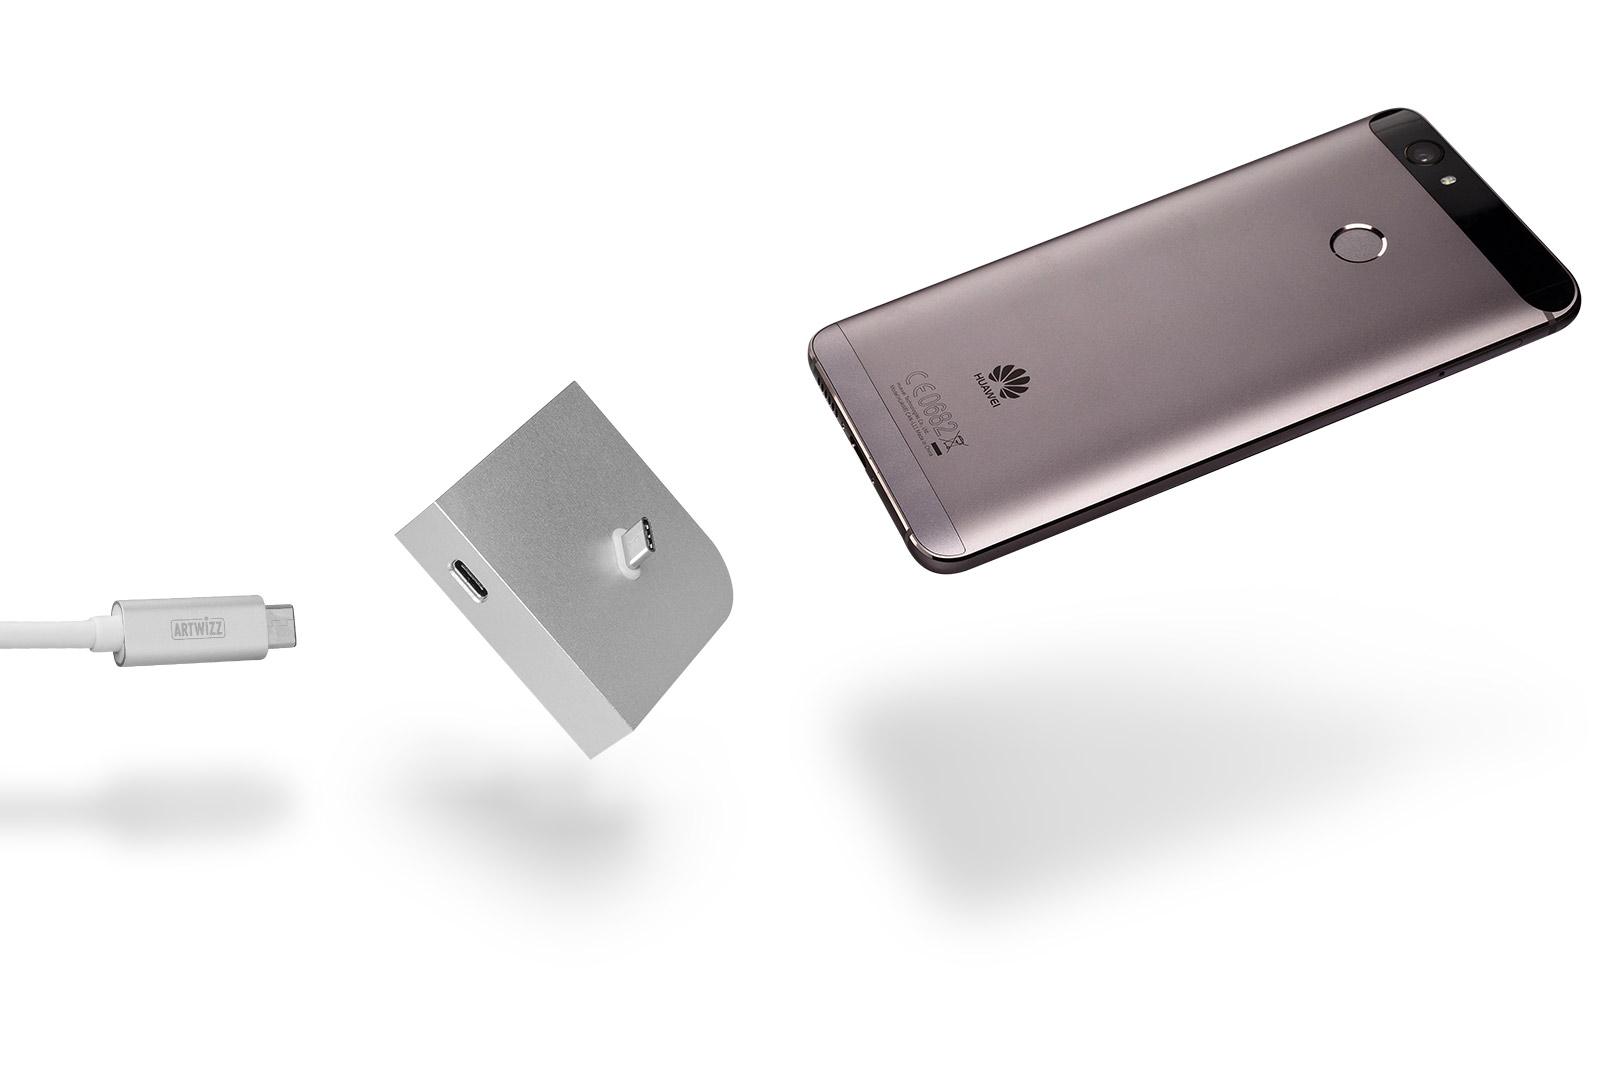 Das Artwizz USB-C-Dock: schlicht und elegant, hier mit einem Huawei-Smartphone